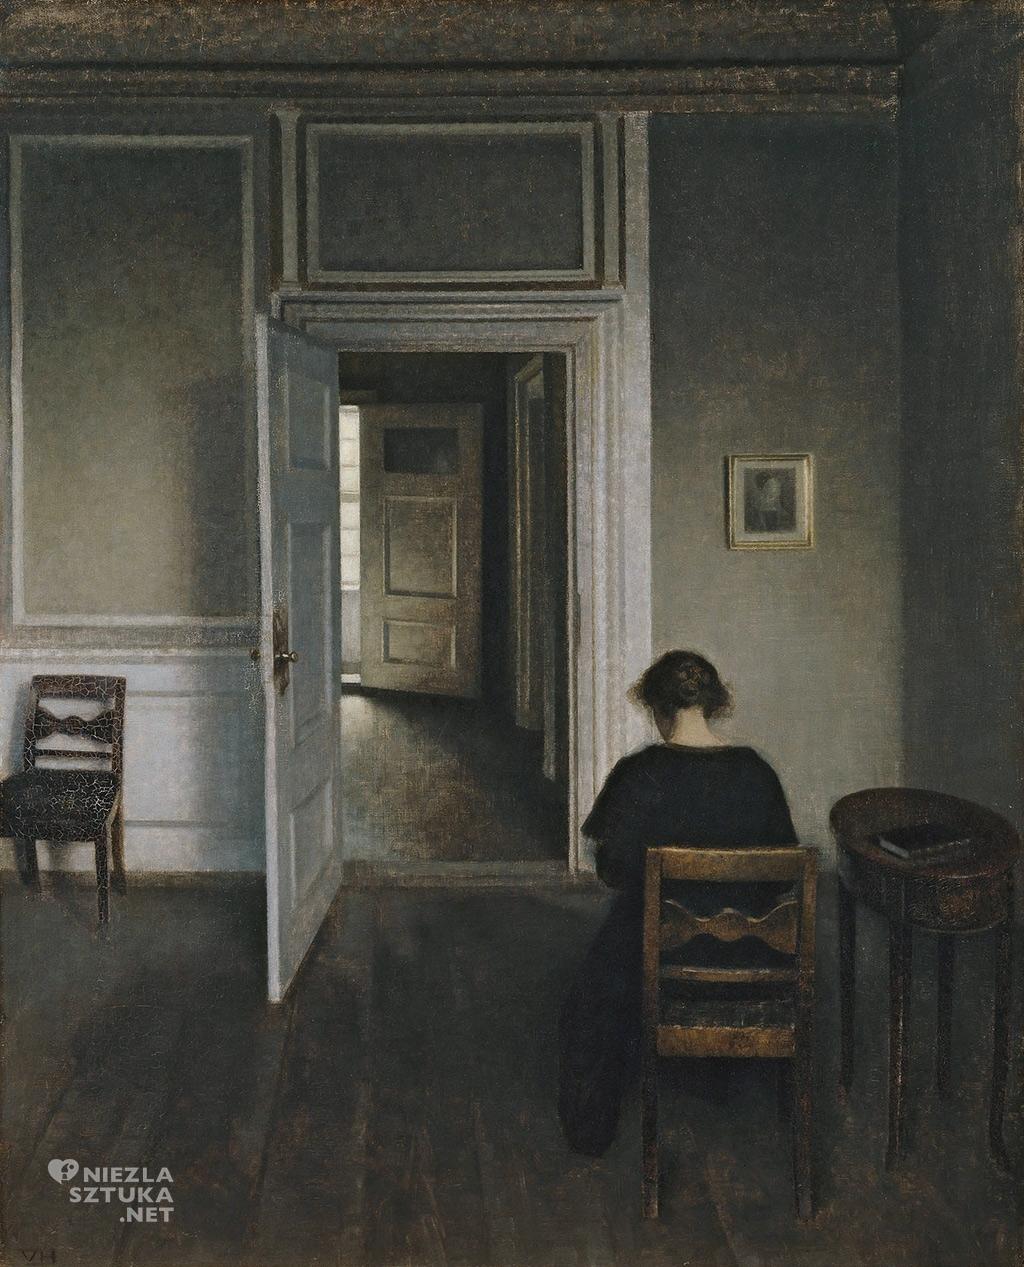 Vilhelm Hammershøi, Wnętrze z siedzącą kobietą, 1908